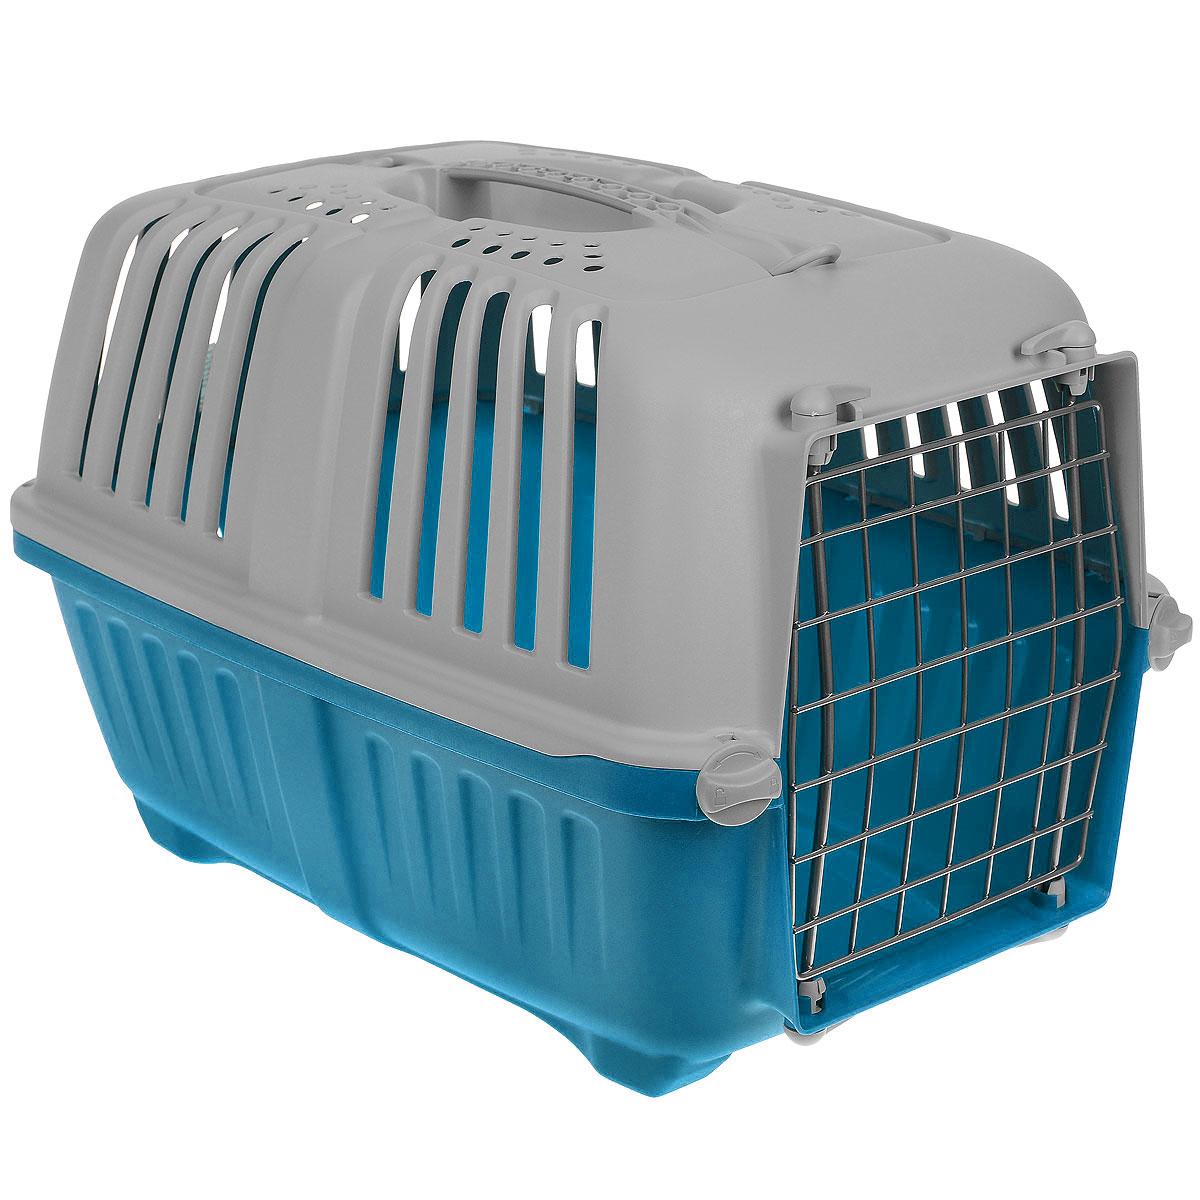 Переноска для животных MPS Pratiko, цвет: серый, голубой, 48 см х 31,5 см х 33 смS01140100_серый, голубойПереноска MPS Pratiko, выполненная из легкого пластика, прекрасно подойдет для транспортировки кошек и собак мелких пород. Дно переноски снабжено устойчивыми ножками. Крышка с отверстиями для вентиляции оснащена влитой ручкой для большей безопасности при транспортировке и двумя петлями для крепления ремня. Крышка и металлическая дверь крепится к поддону на поворотные фиксаторы. Переноска легко собирается.